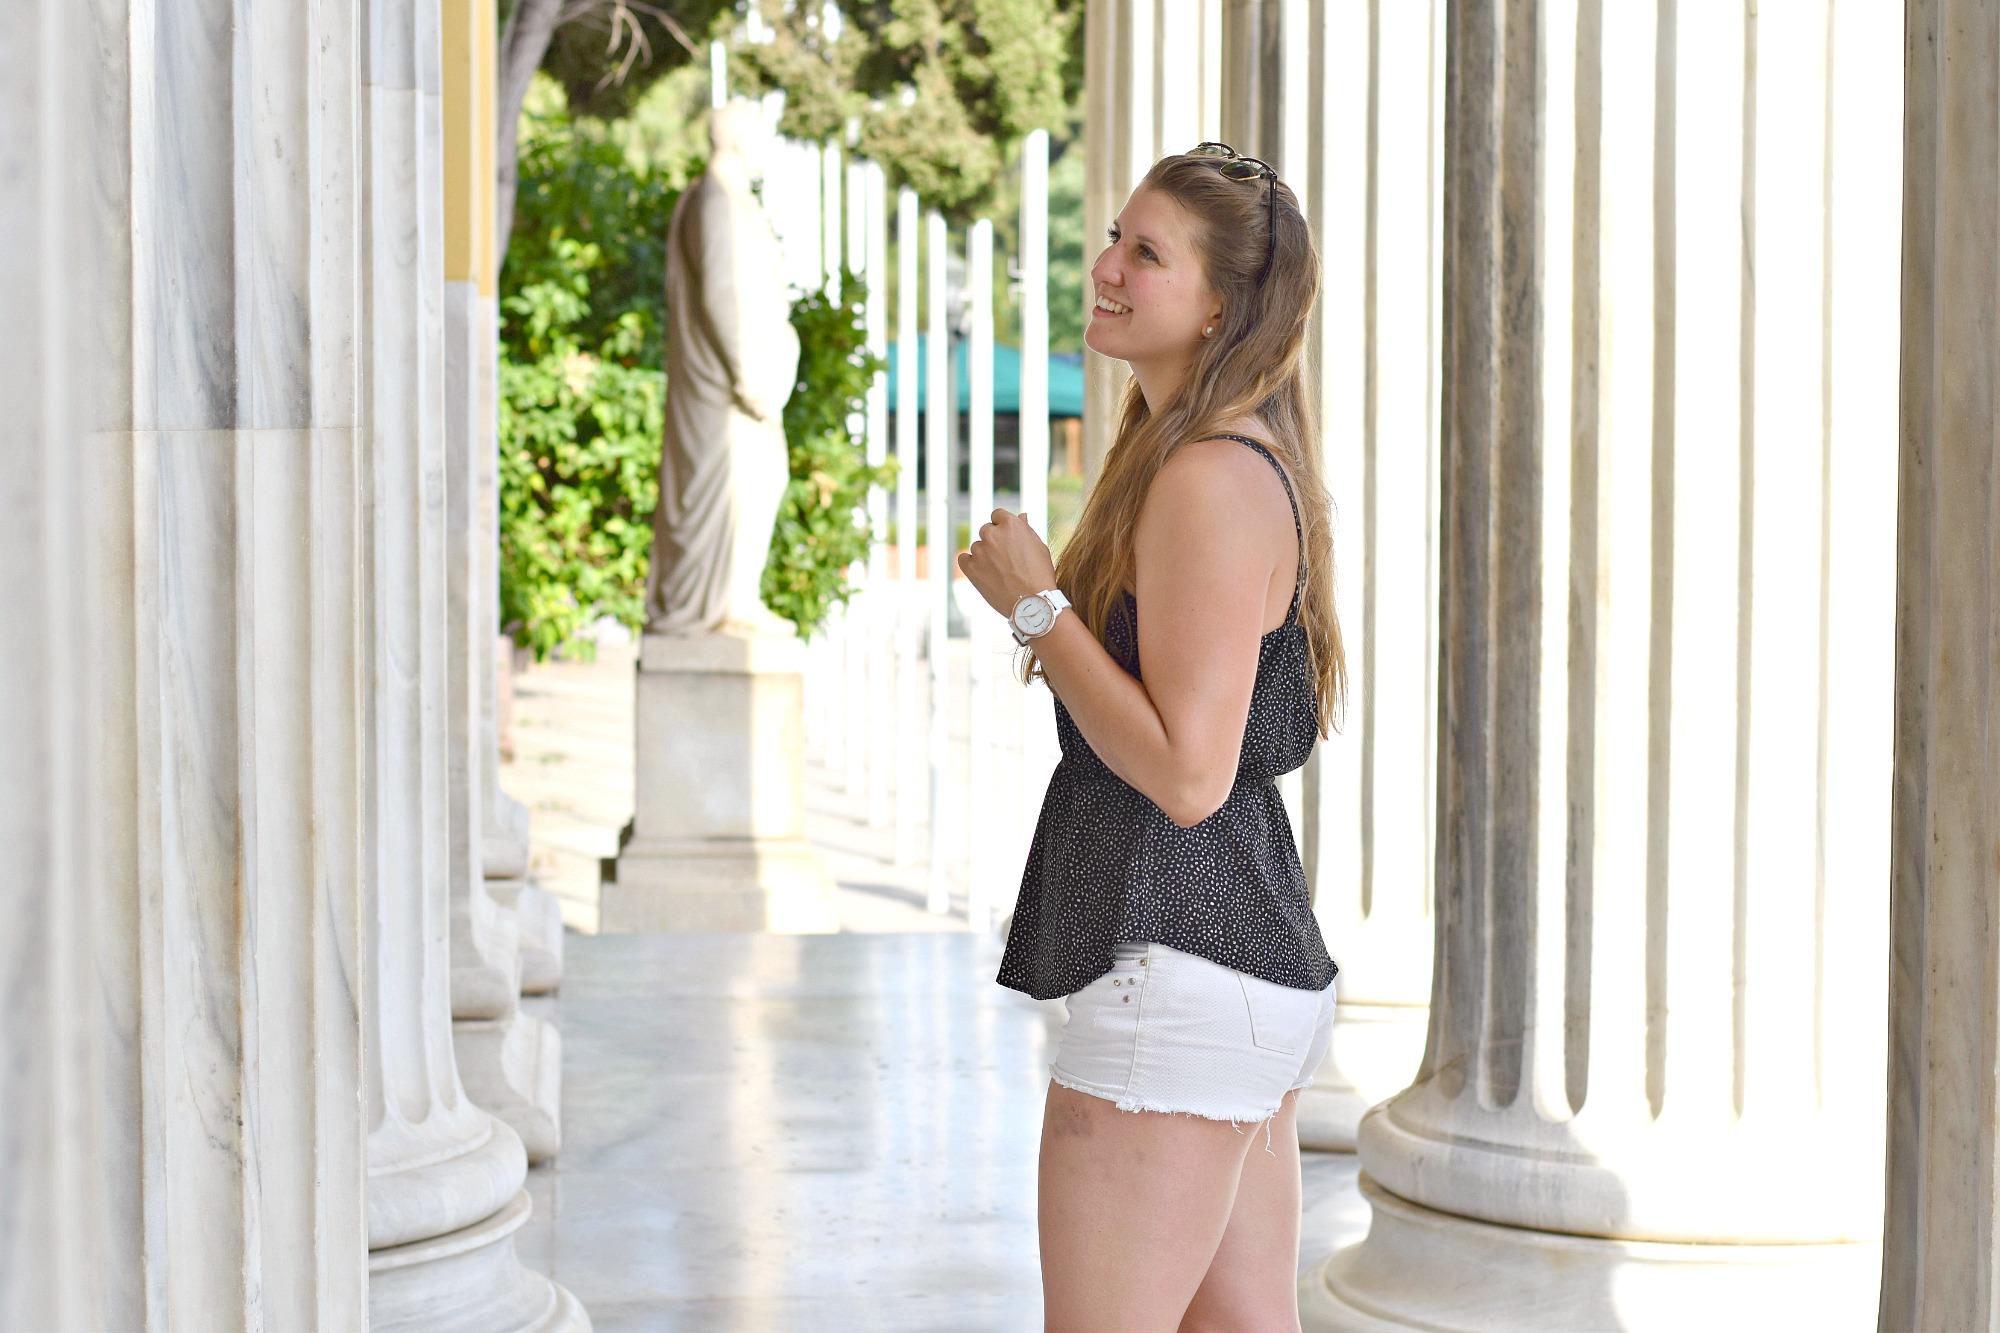 klara-fuchs-reise-blog-reiseblog-österreich-travel-lifestyle-fitnessblog-fitness-athen-sport-blogger-österreich-graz-5